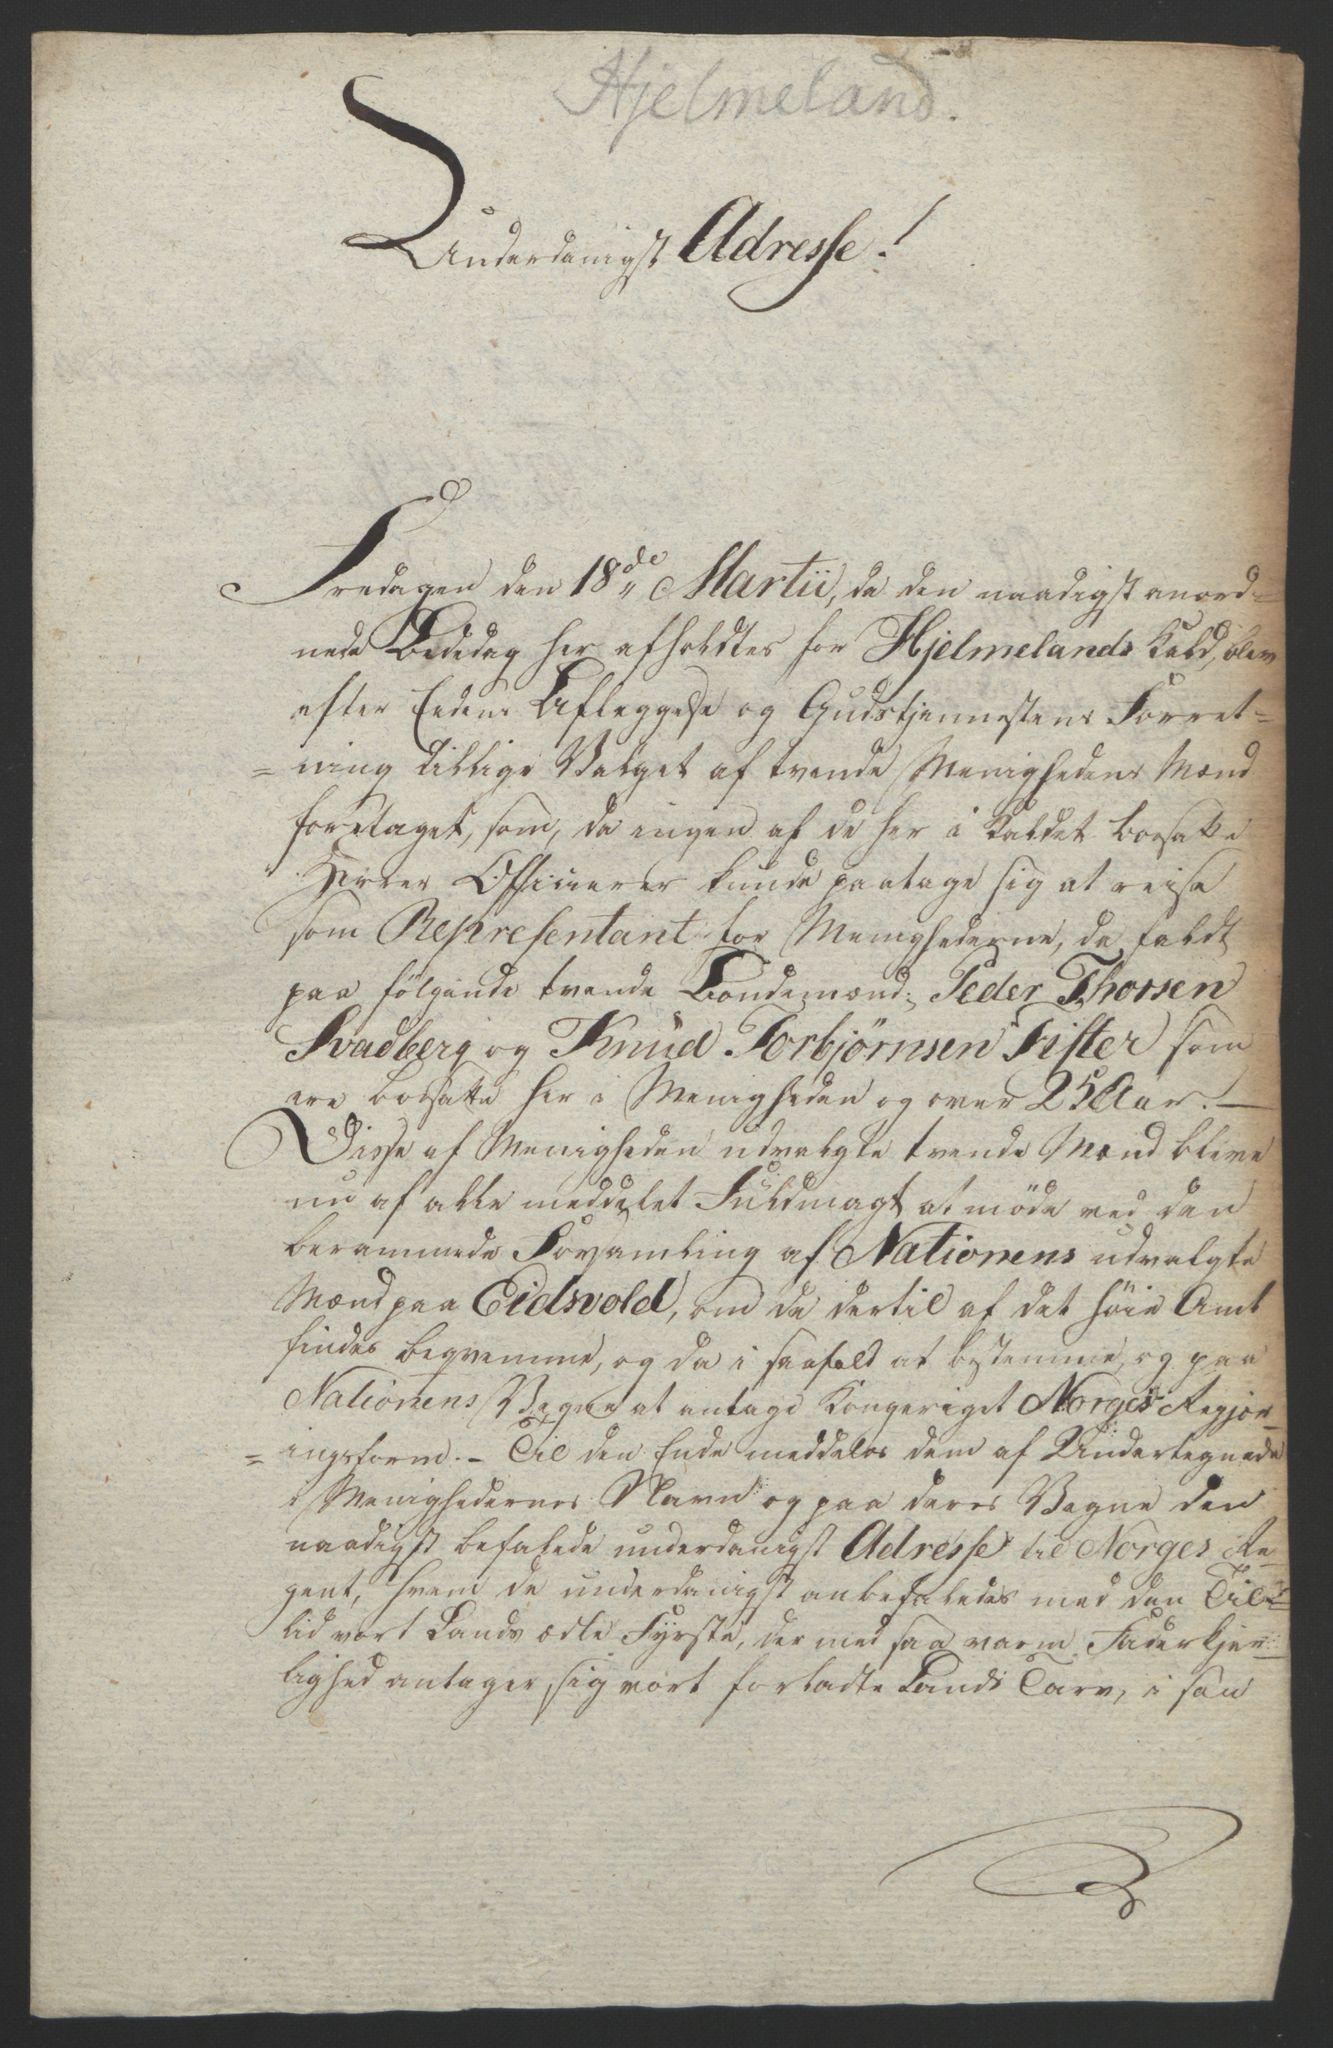 RA, Statsrådssekretariatet, D/Db/L0008: Fullmakter for Eidsvollsrepresentantene i 1814. , 1814, s. 227